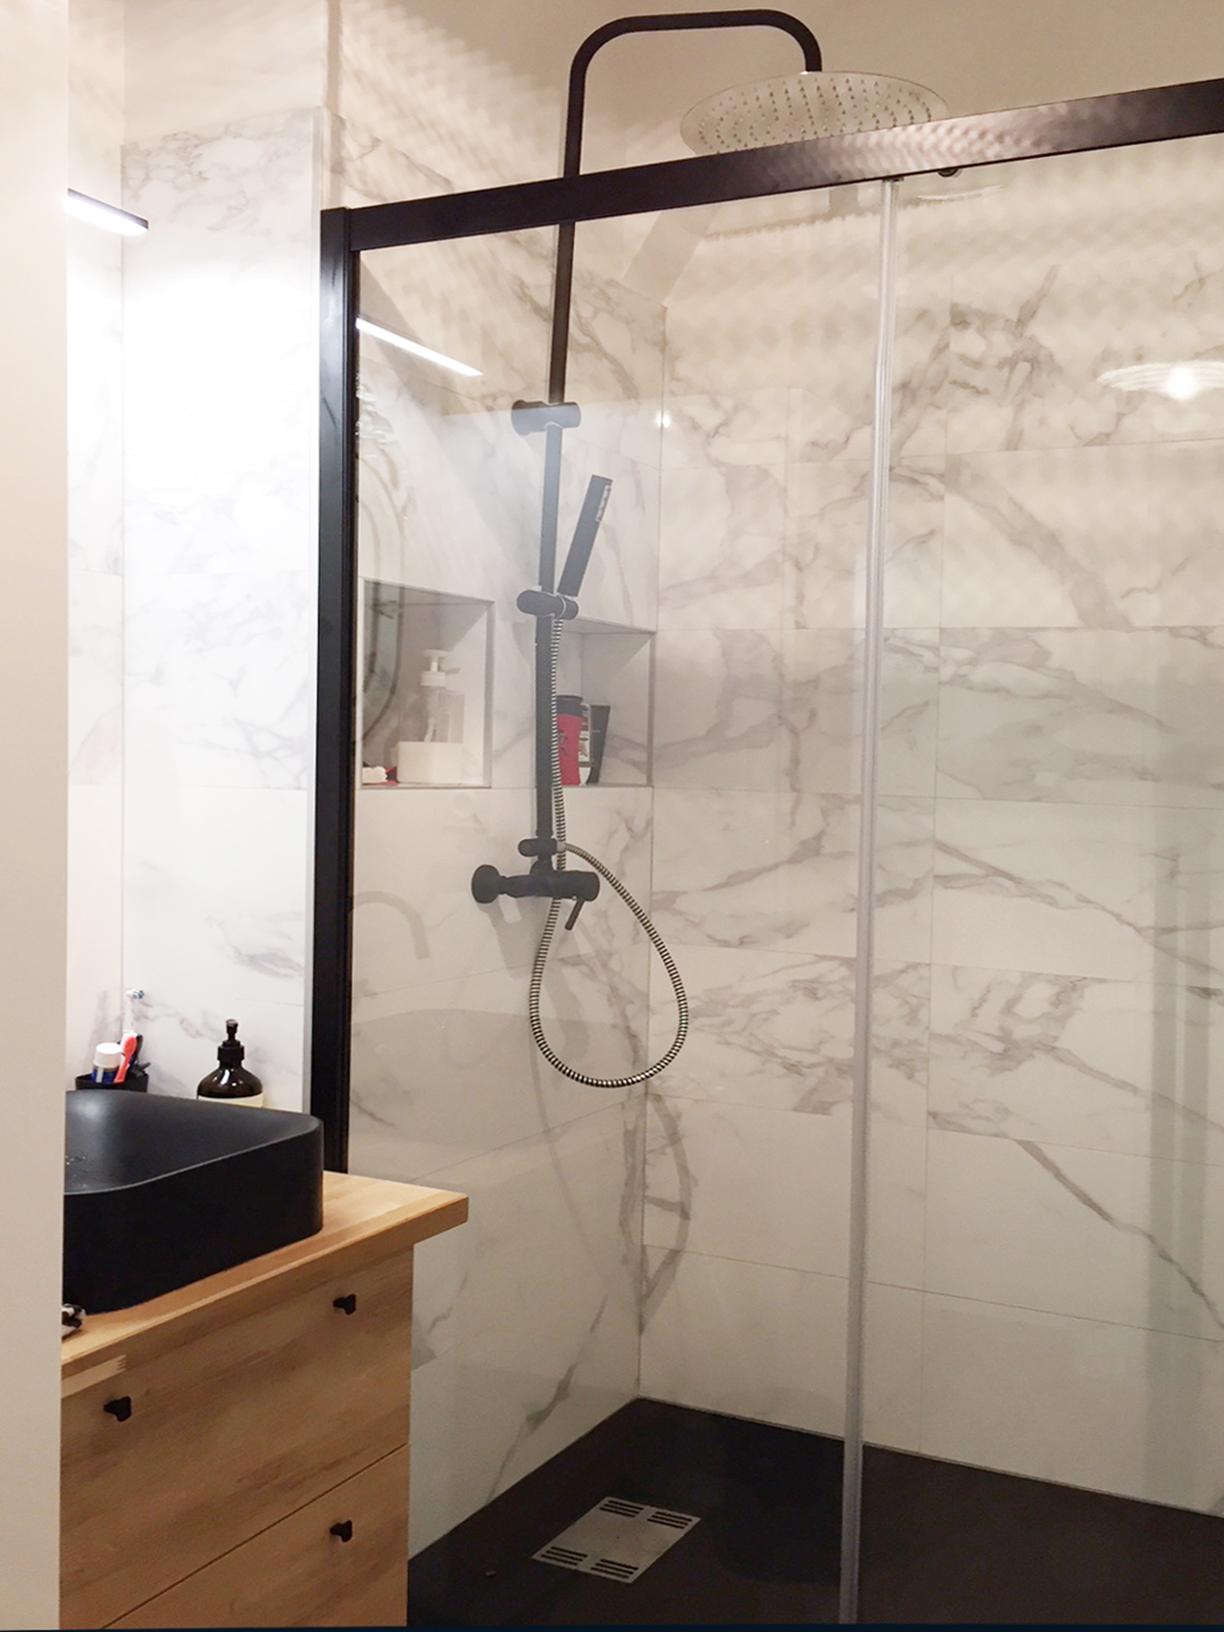 Nouvelle Salle De Bain 2018 transformation d'une salle de bain — madame prune